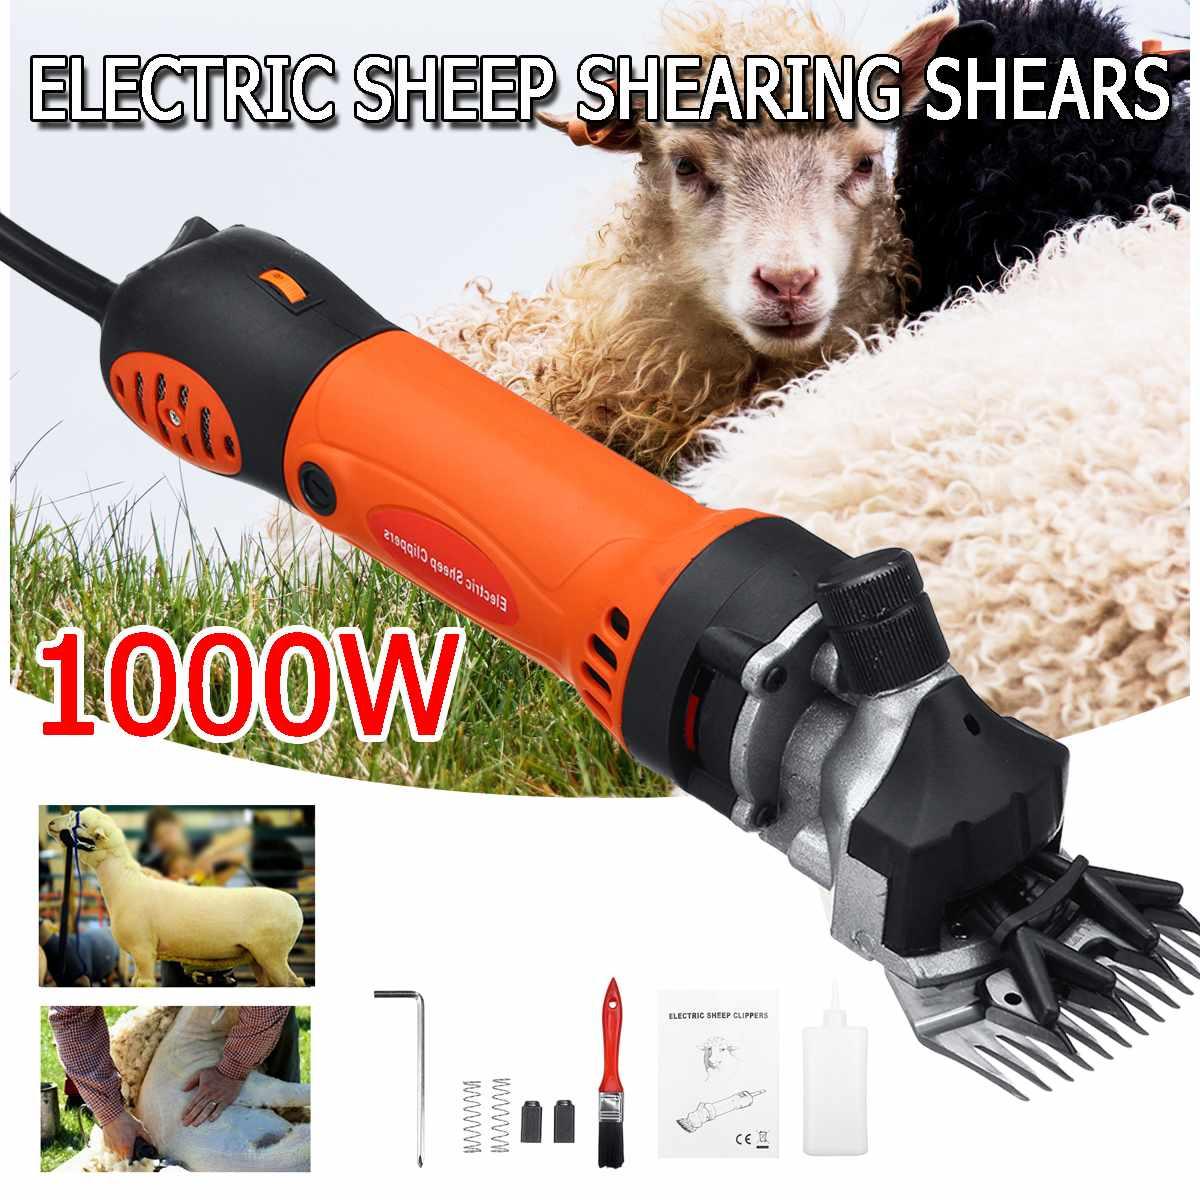 1000W 220V 6 engranajes velocidad eléctrica oveja cabra cizalla máquina cortadora herramienta tijeras de lana máquina de corte con caja